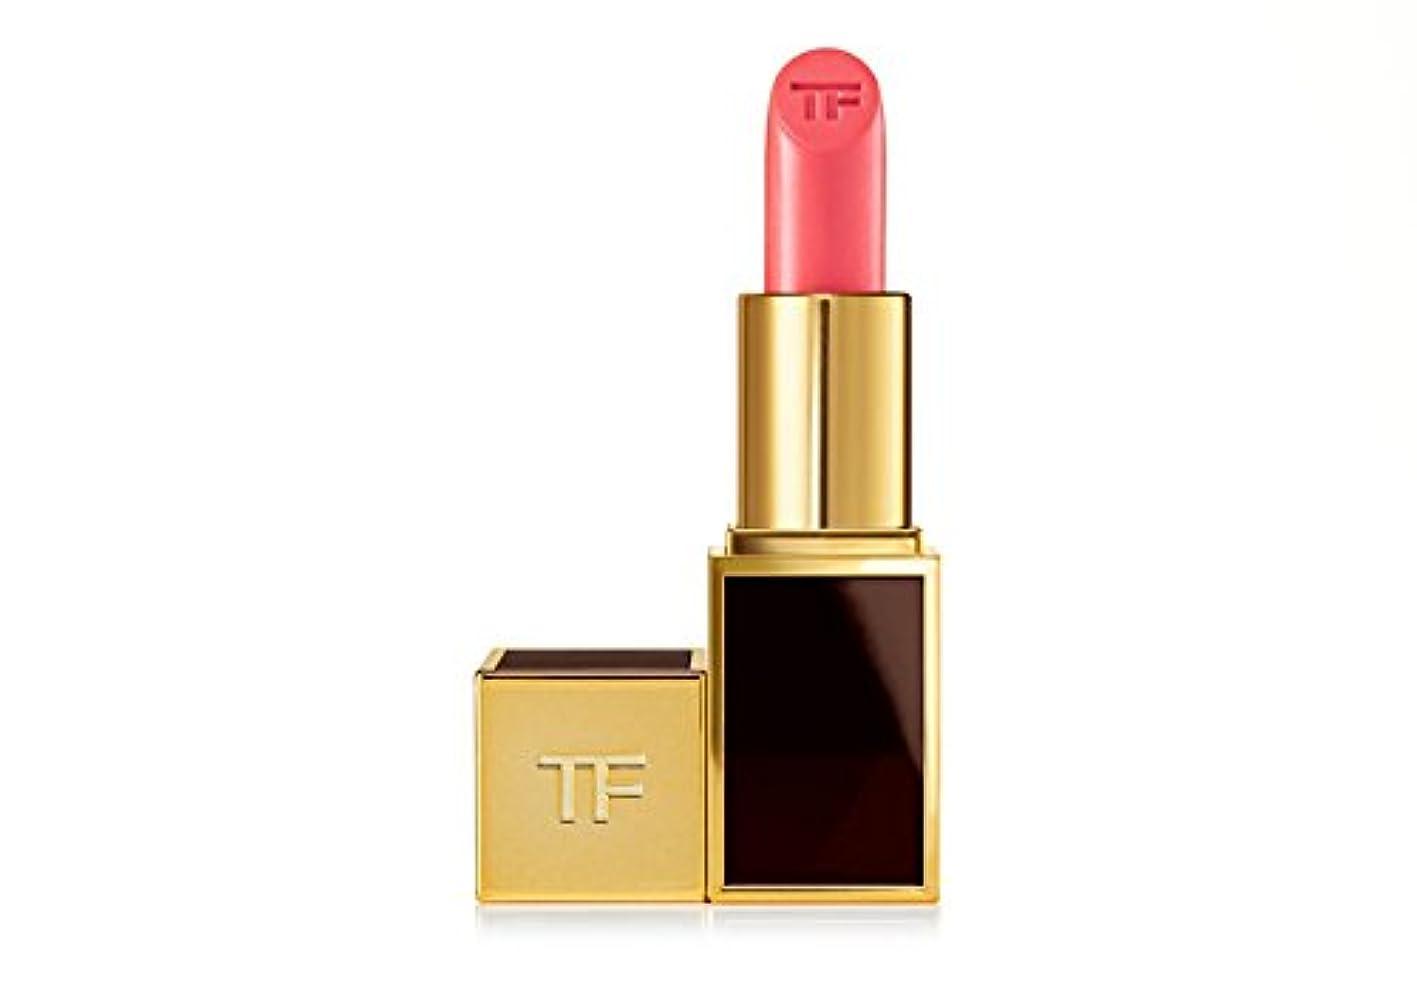 嬉しいです強風寛容トムフォード リップス アンド ボーイズ 7 コーラル リップカラー 口紅 Tom Ford Lipstick 7 CORALS Lip Color Lips and Boys (#22 Patrick パトリック) [...